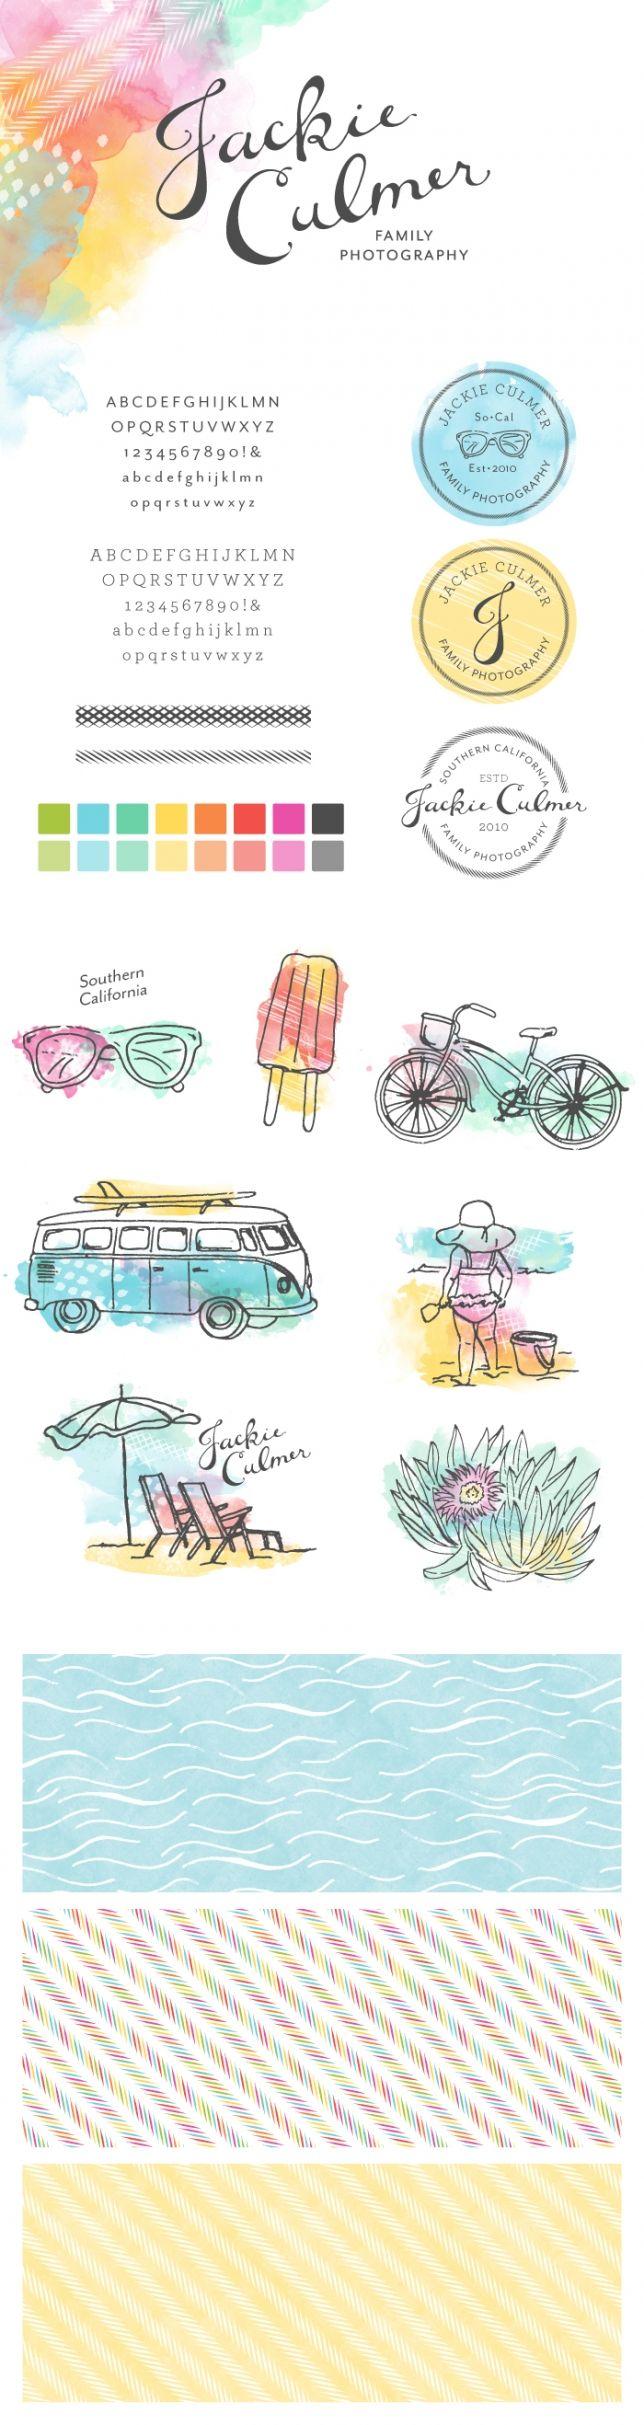 {Get Braizen} MAY 08, 2012 – Summer Dreaming → http://getbraizen.com/2012/05/summer-dreaming